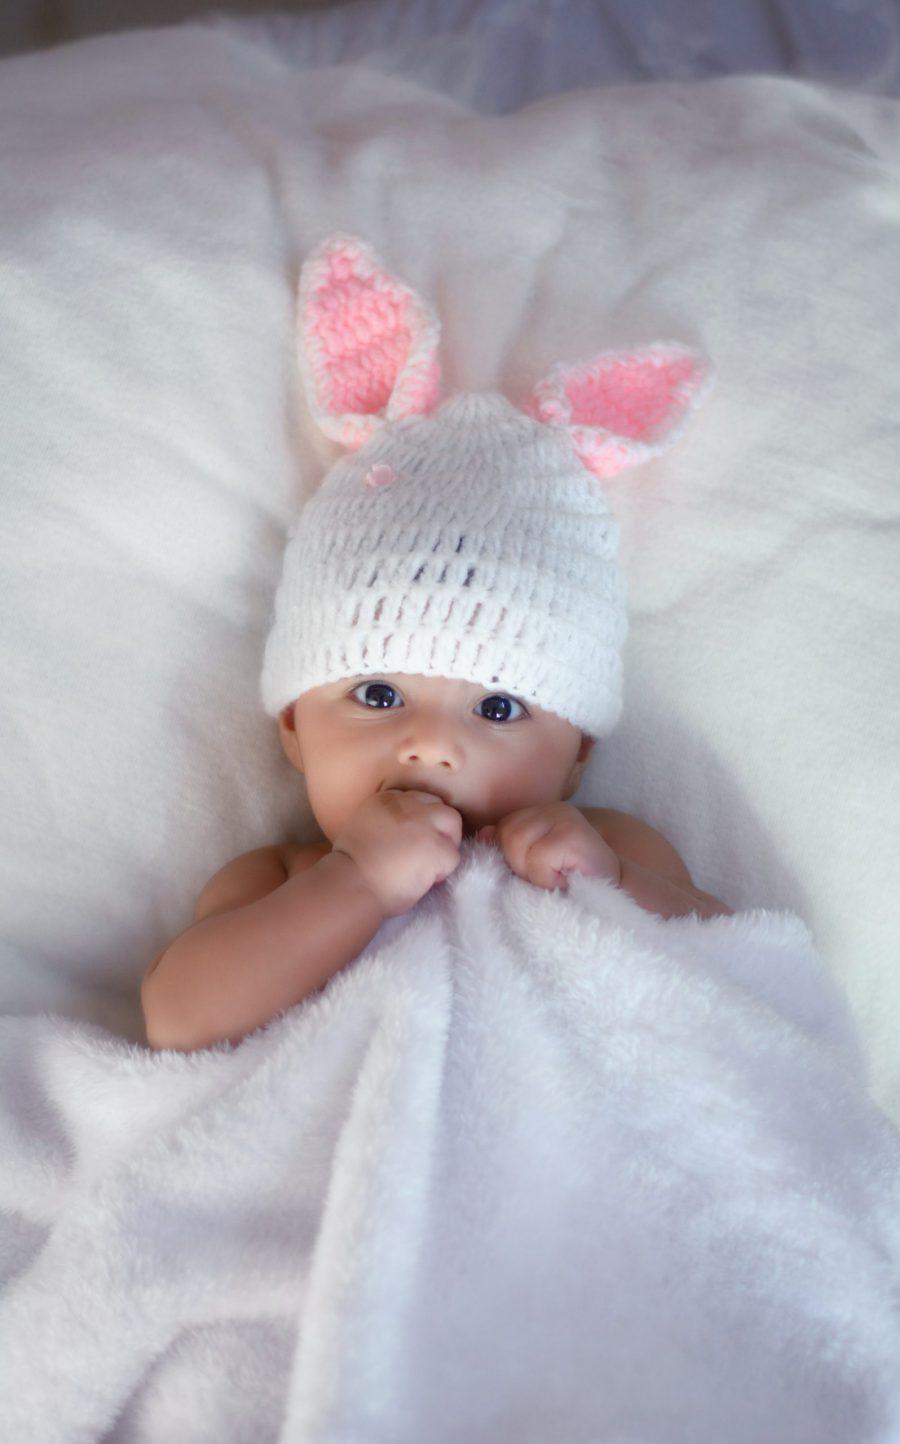 Kokon niemowlęcy – czy jest potrzebny w dziecięcej wyprawce?